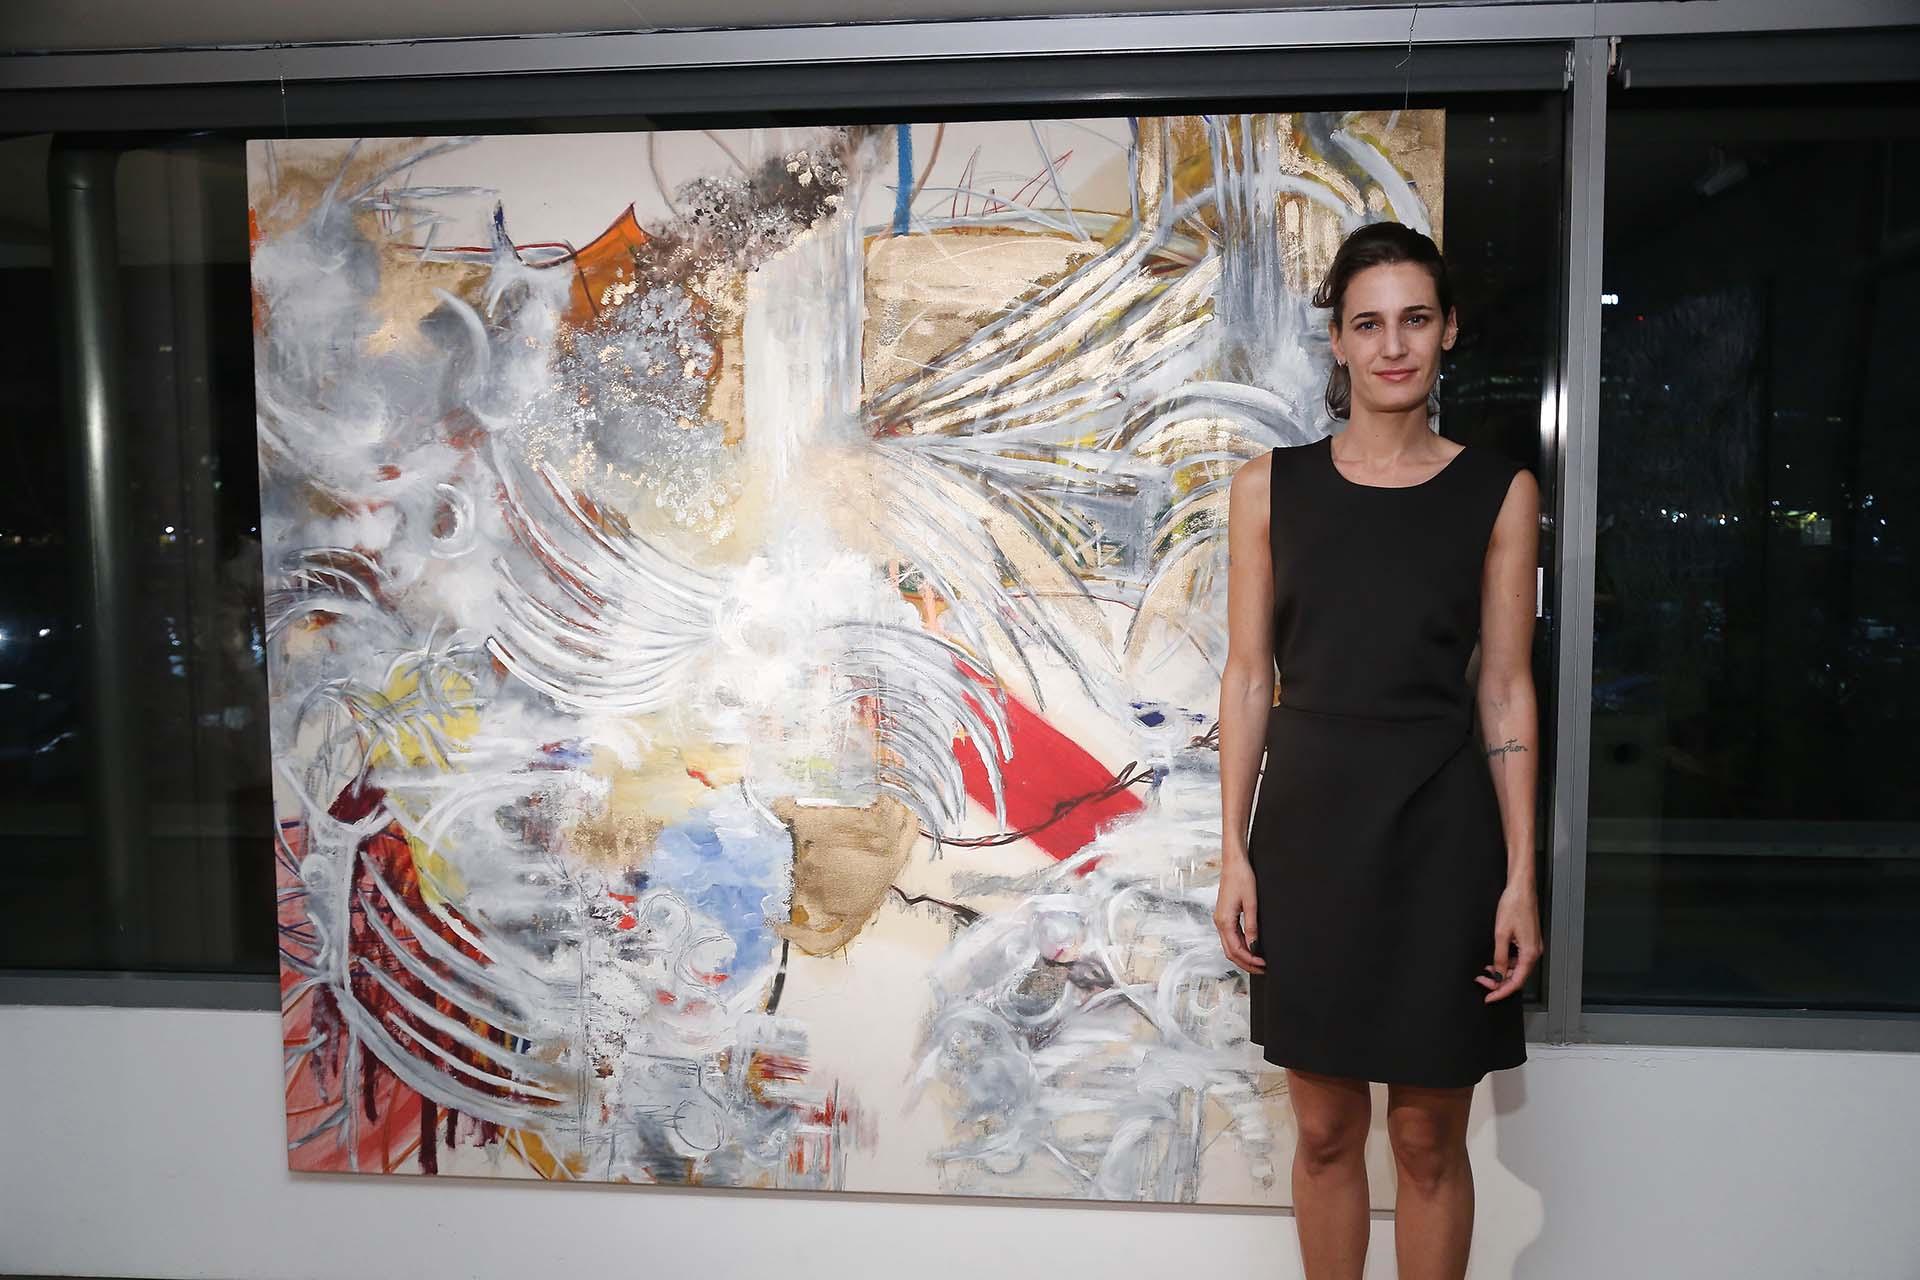 La artista Sofia Mastai. Todas las obras exhibidas son seleccionadas por la curadora Estefanía Jaugust, quien trabaja de cerca con los artistas para lograr una oferta representativa de su producción e identidad creativa